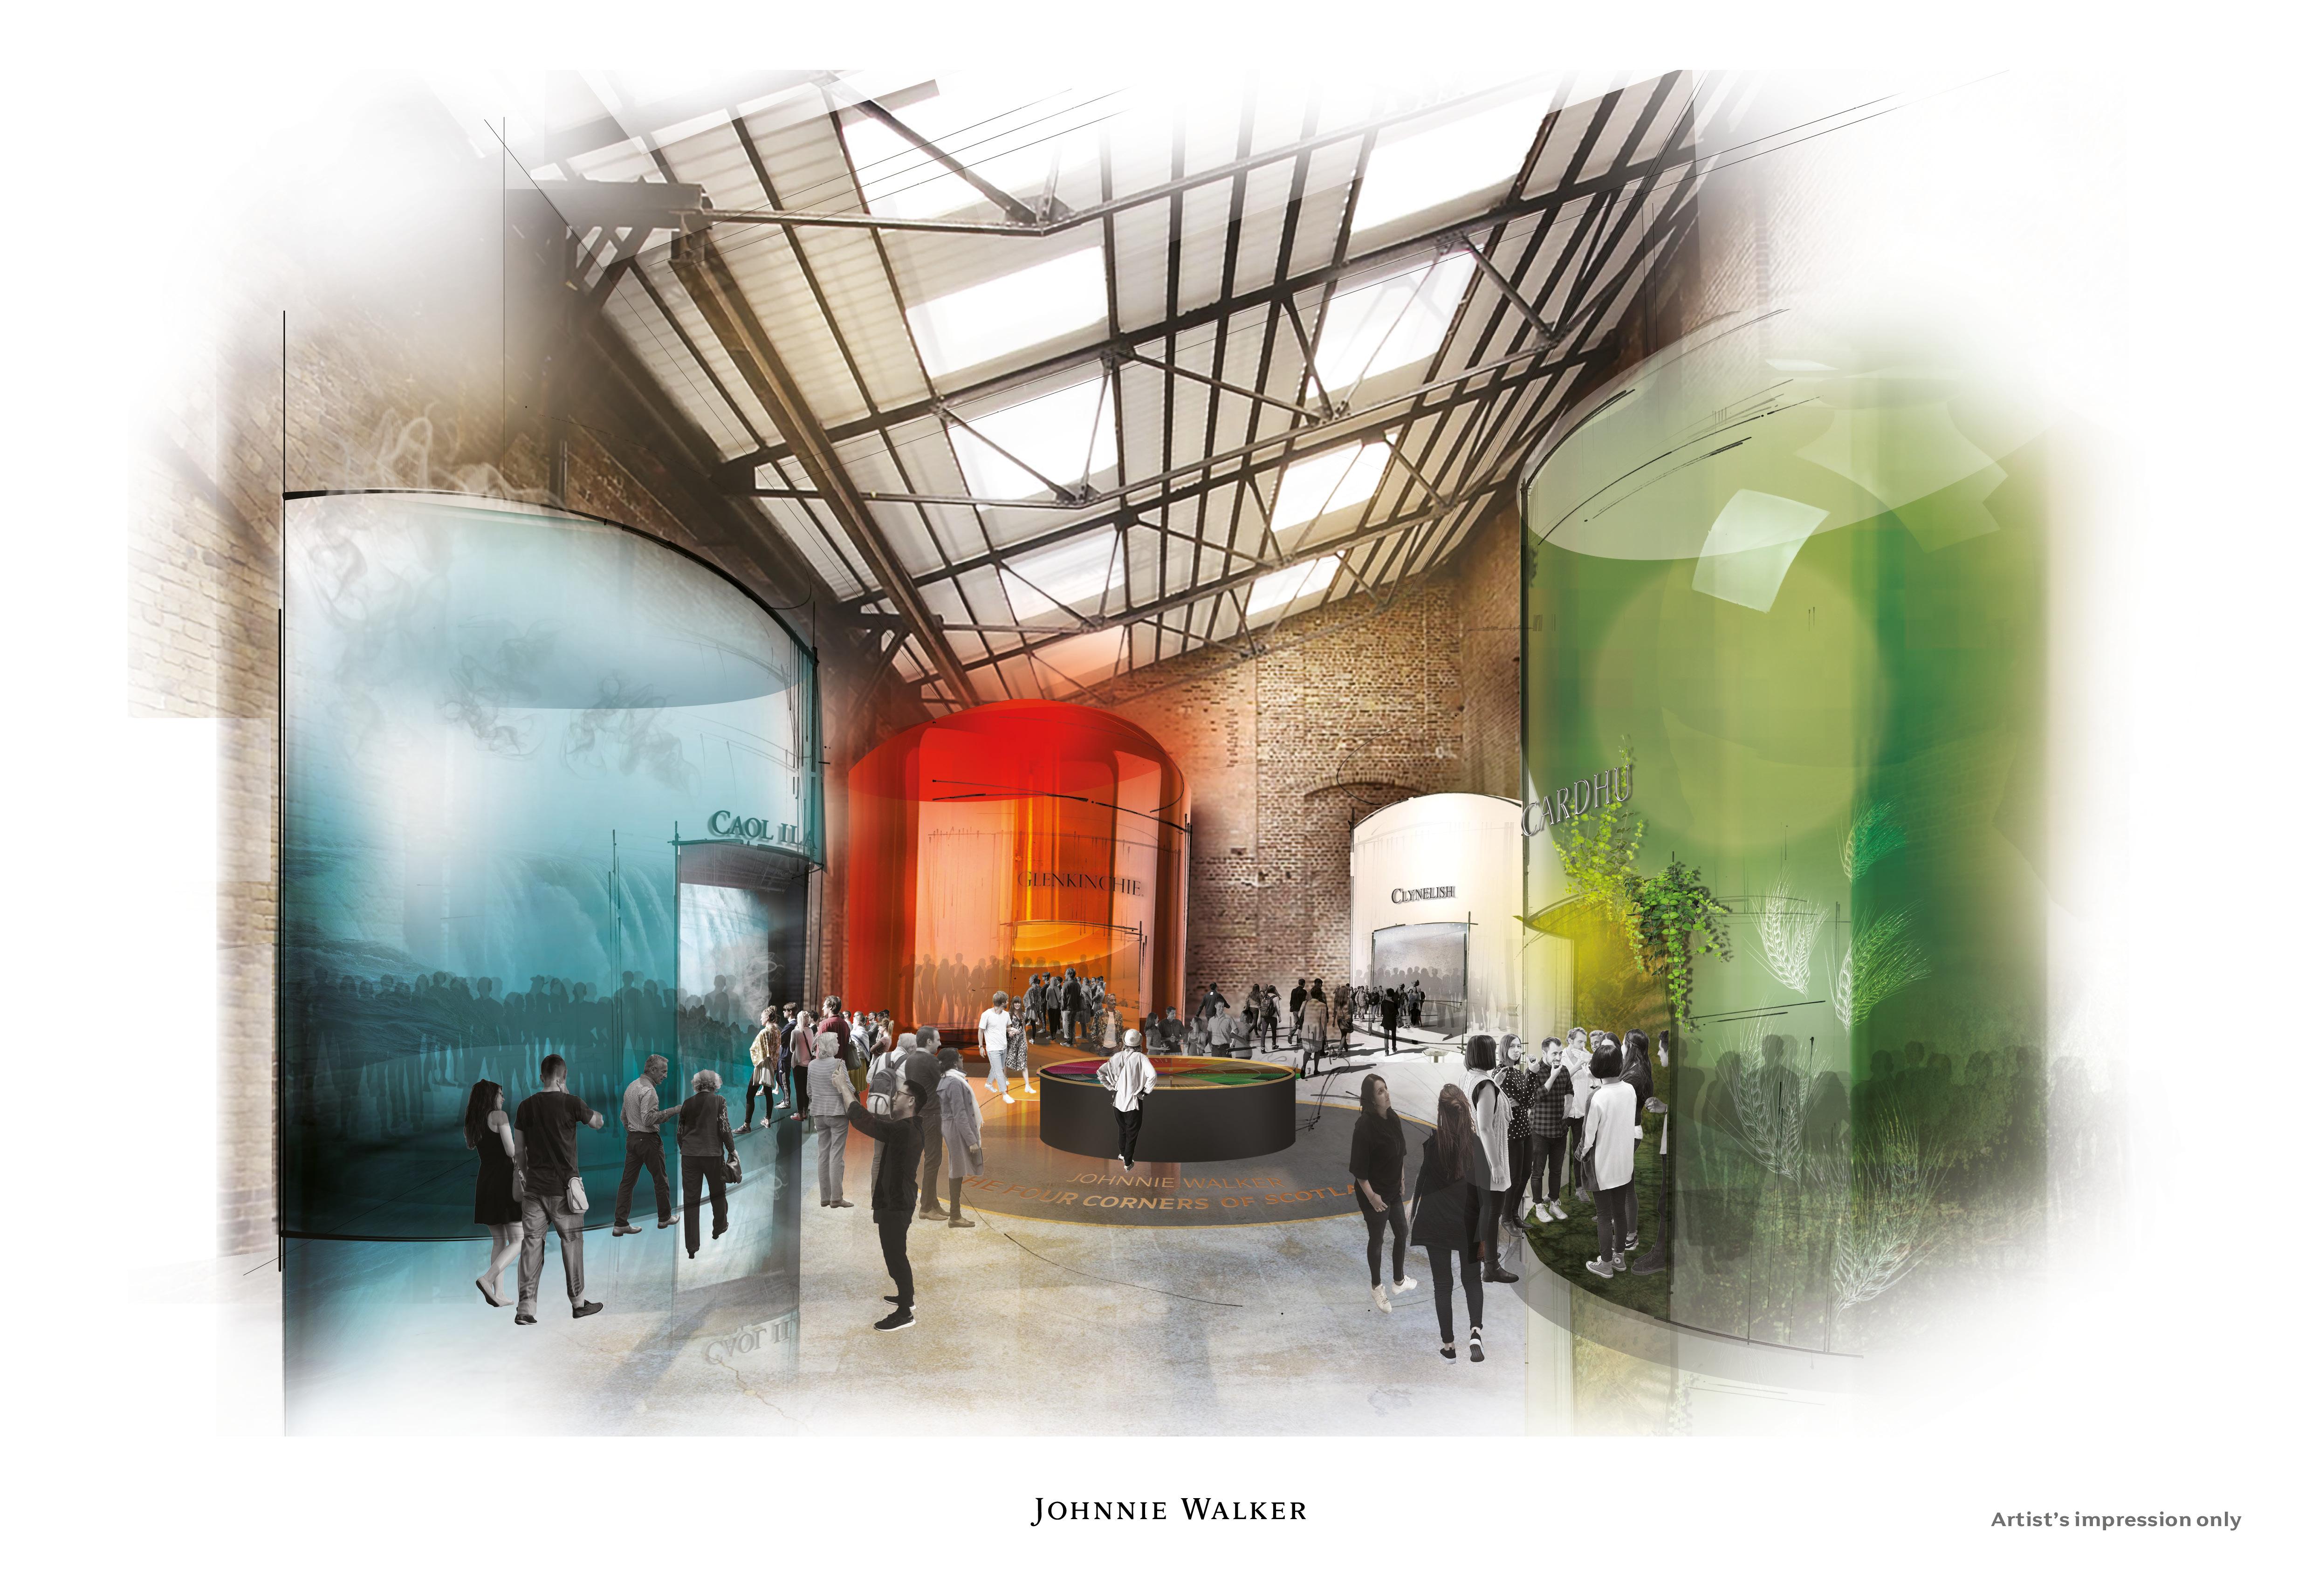 Johnnie Walker 3 - Johnnie Walker invertirá USD $210 millones para remodelar 12 destilerías en Escocia